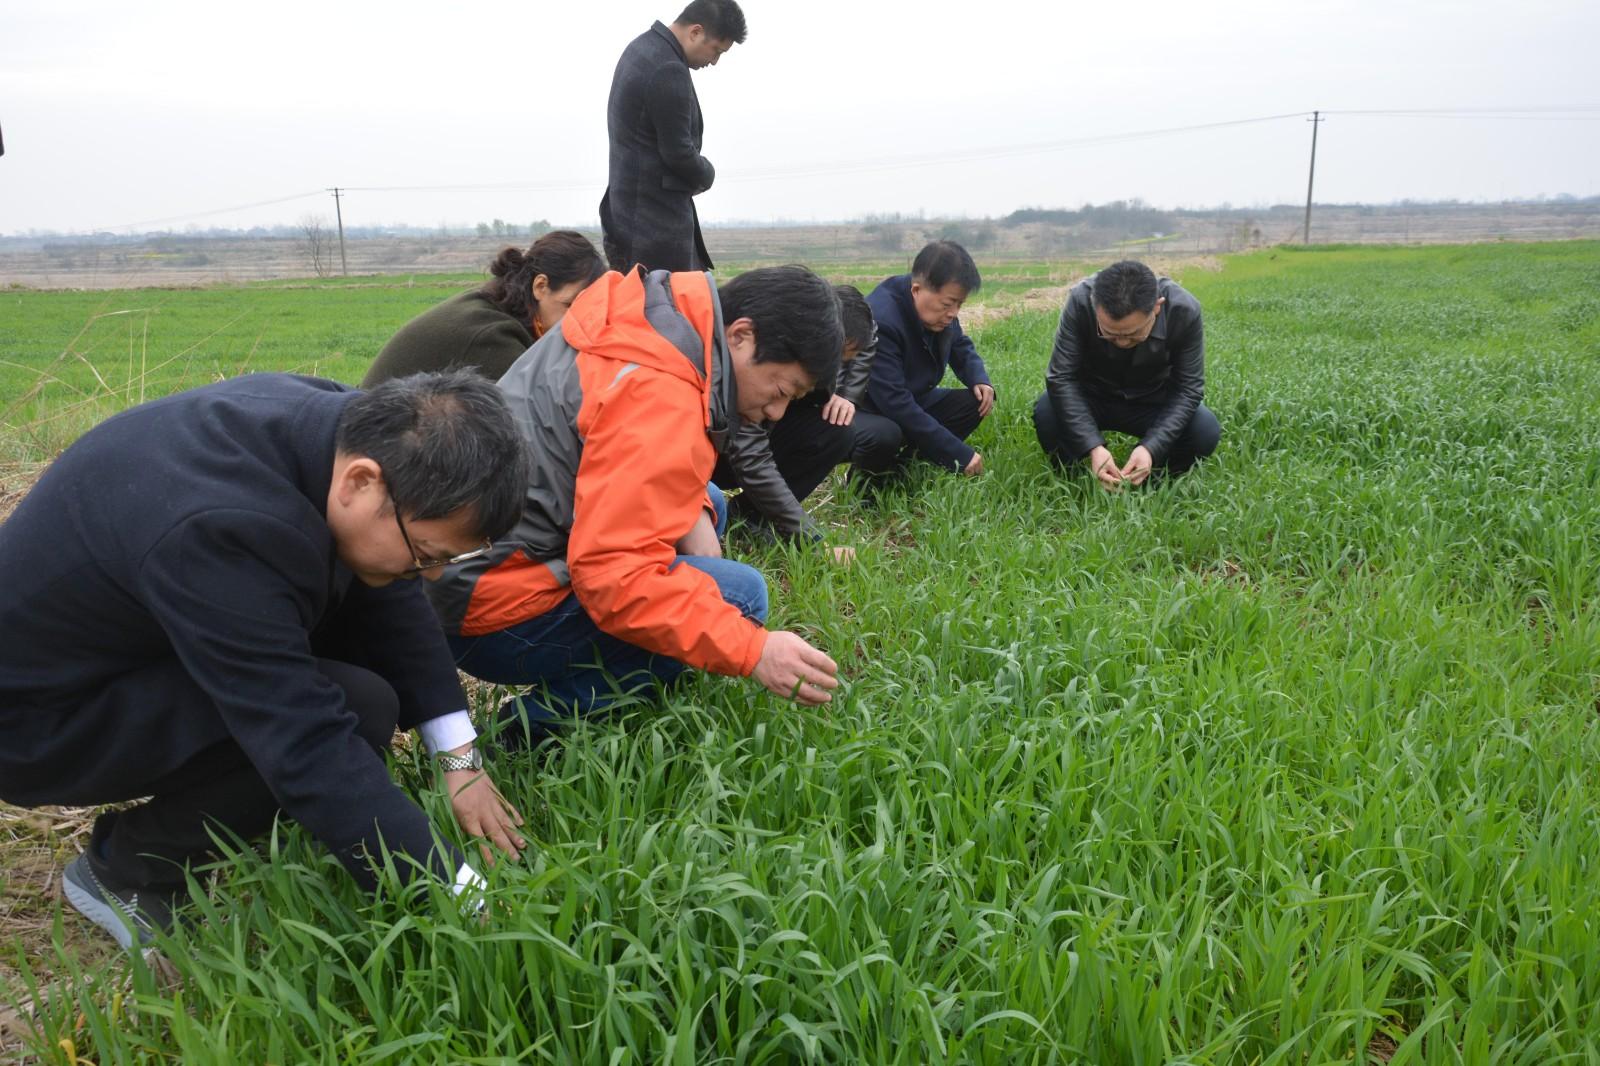 省农业农村厅农技人员检查王兴武家庭农场小麦生长情况